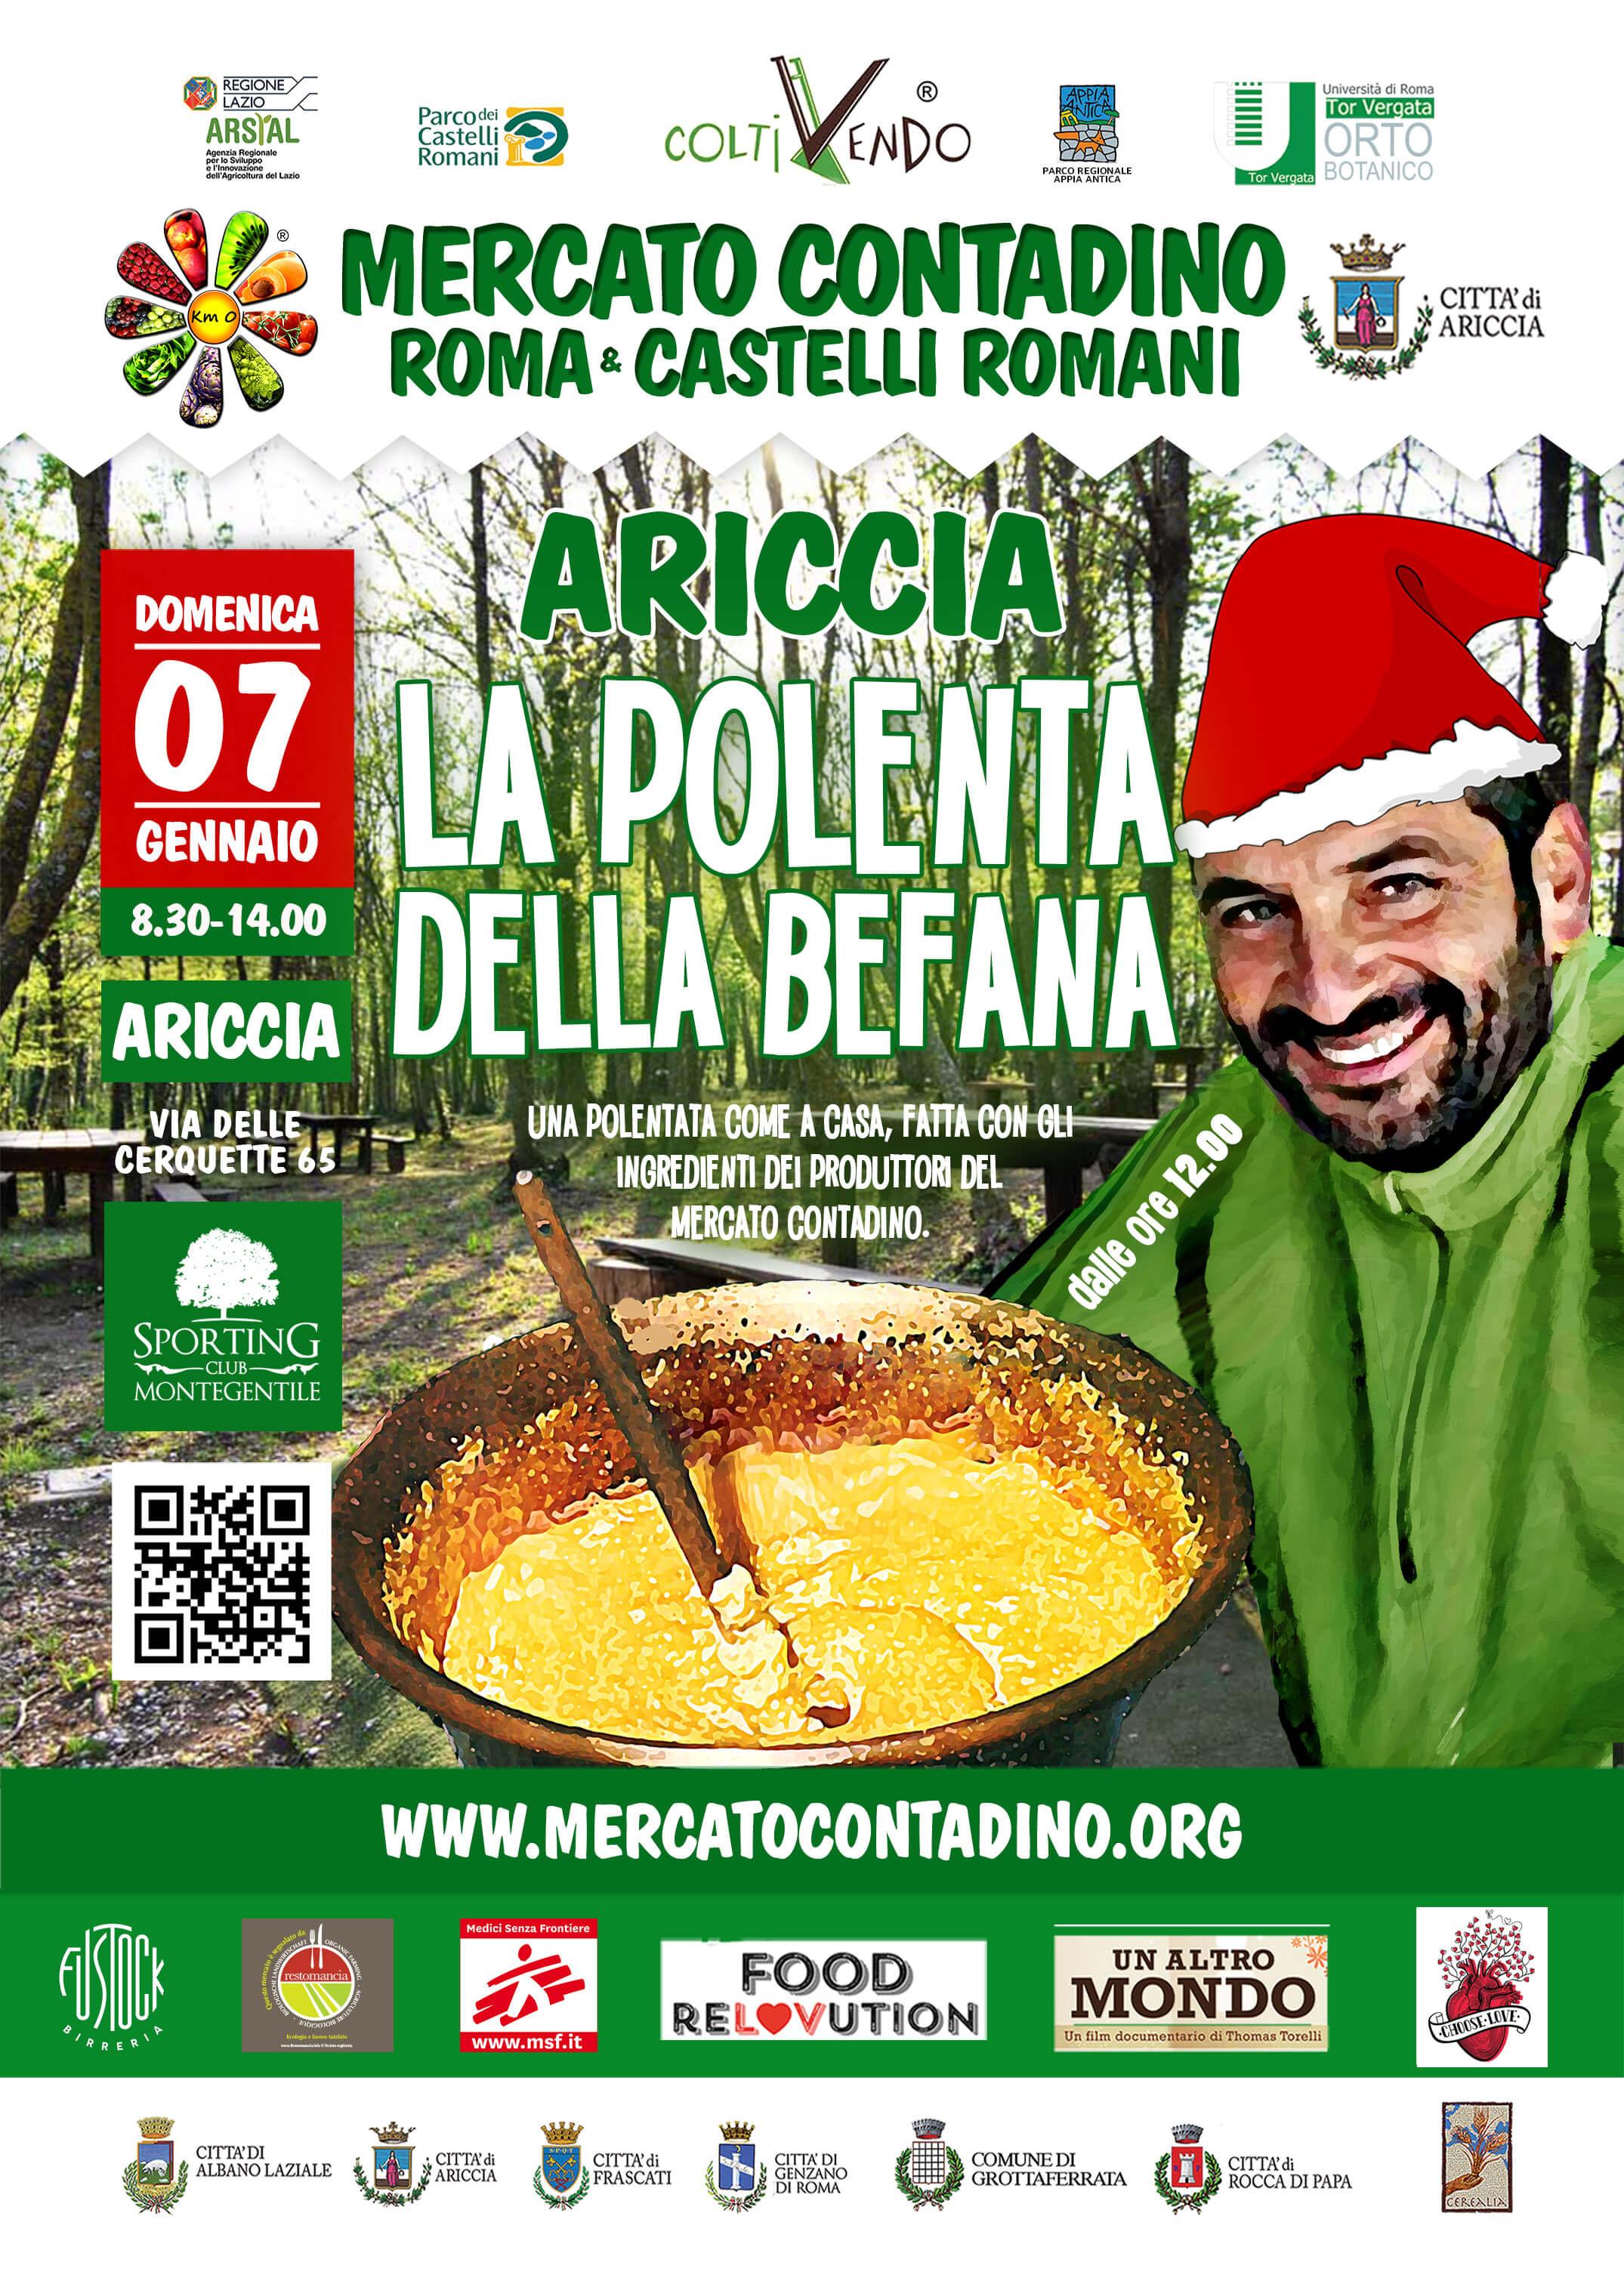 ariccia_polenta_befana